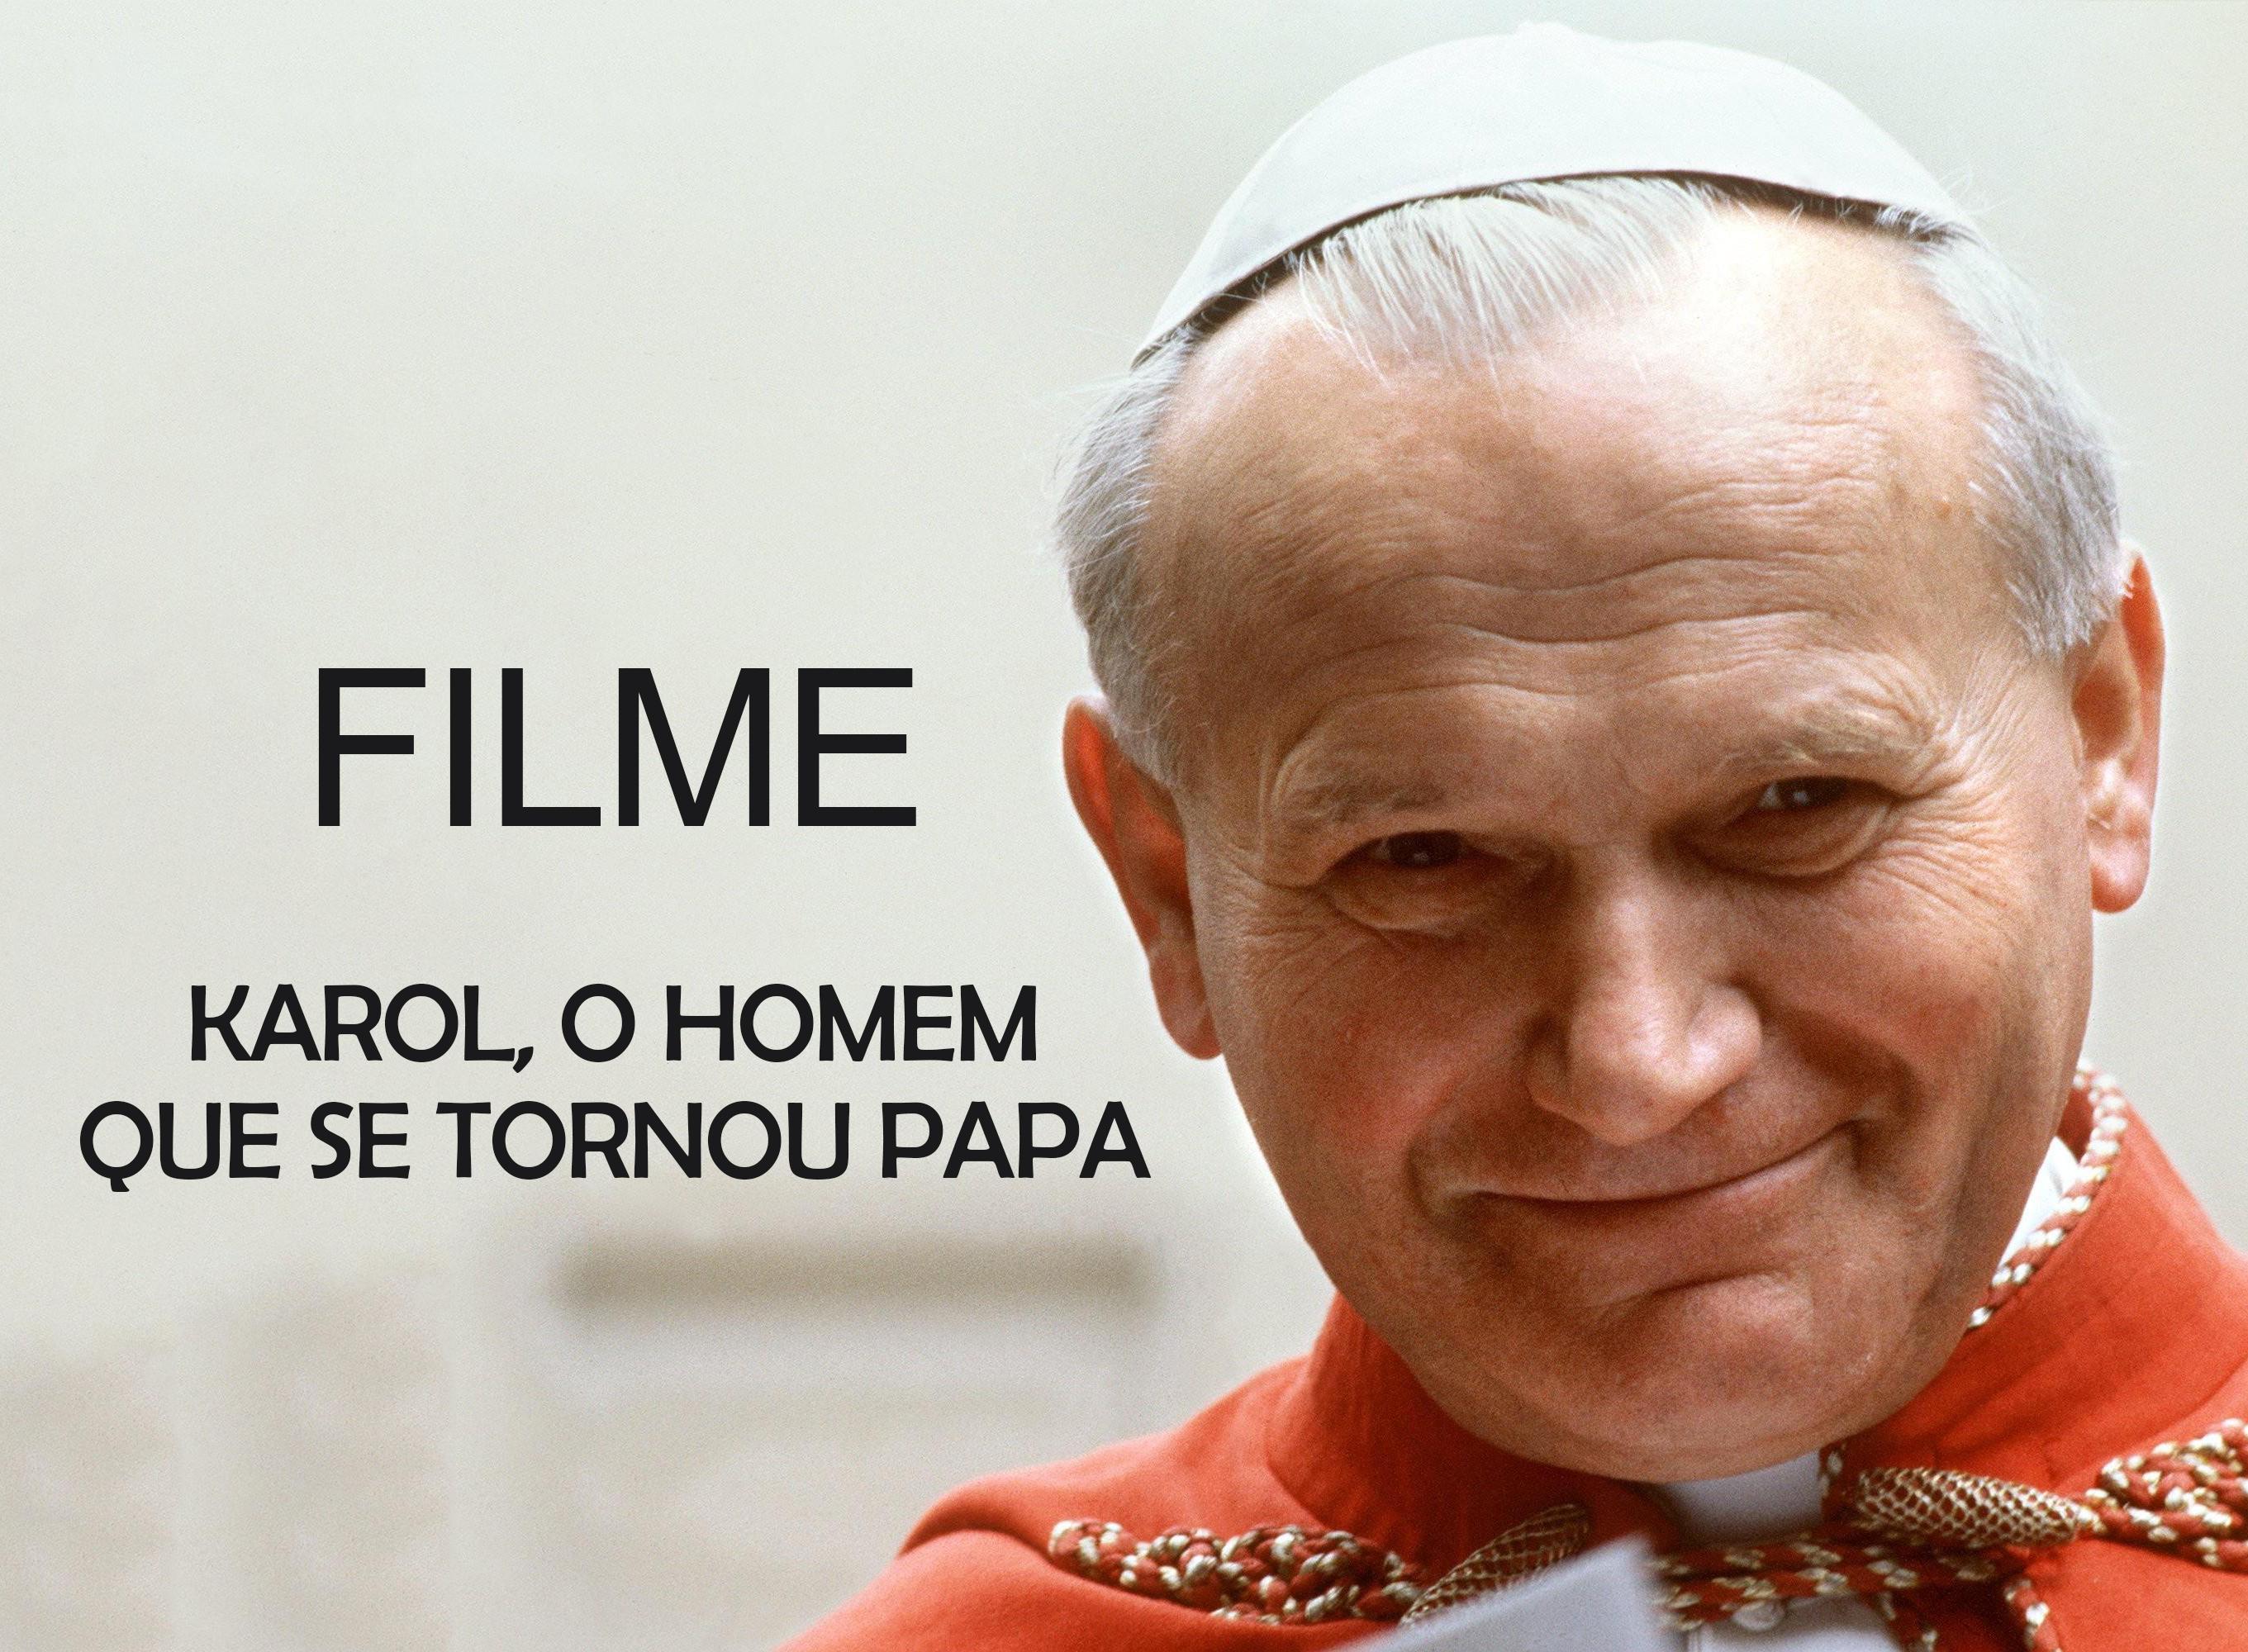 Filme - Karol, o homem que se tornou Papa